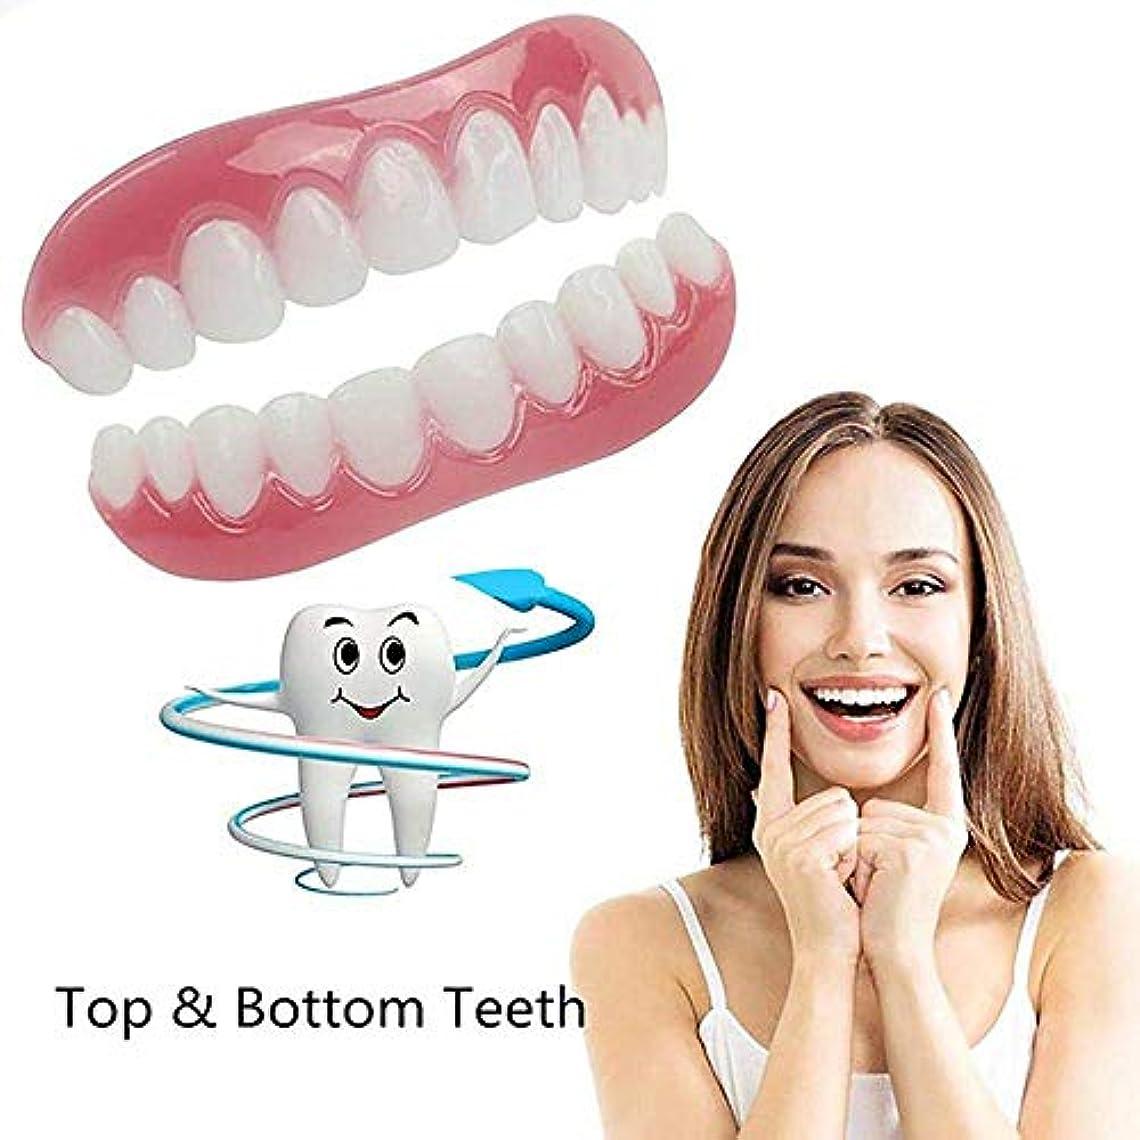 恥残高入力義歯義歯上下上下義歯インスタントスマイルコンフォートフィットフレックス化粧品歯のトップ化粧品突き板箱入り,11Pairs